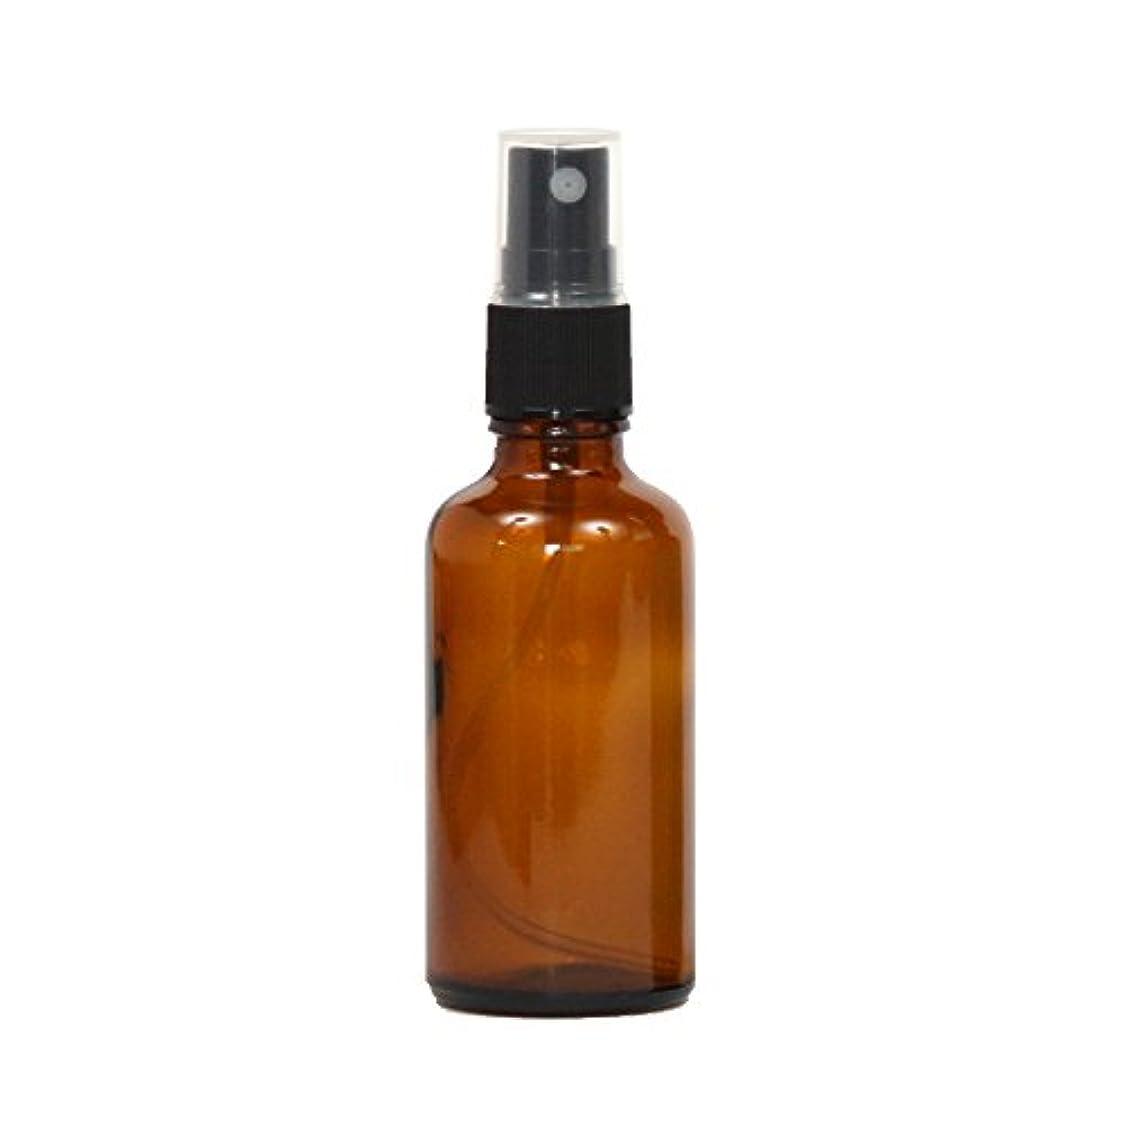 ブル予測する誘発するスプレーボトル ガラス瓶 50mL 遮光性ブラウン(アンバー) おしゃれアトマイザー ミスト空容器br50g